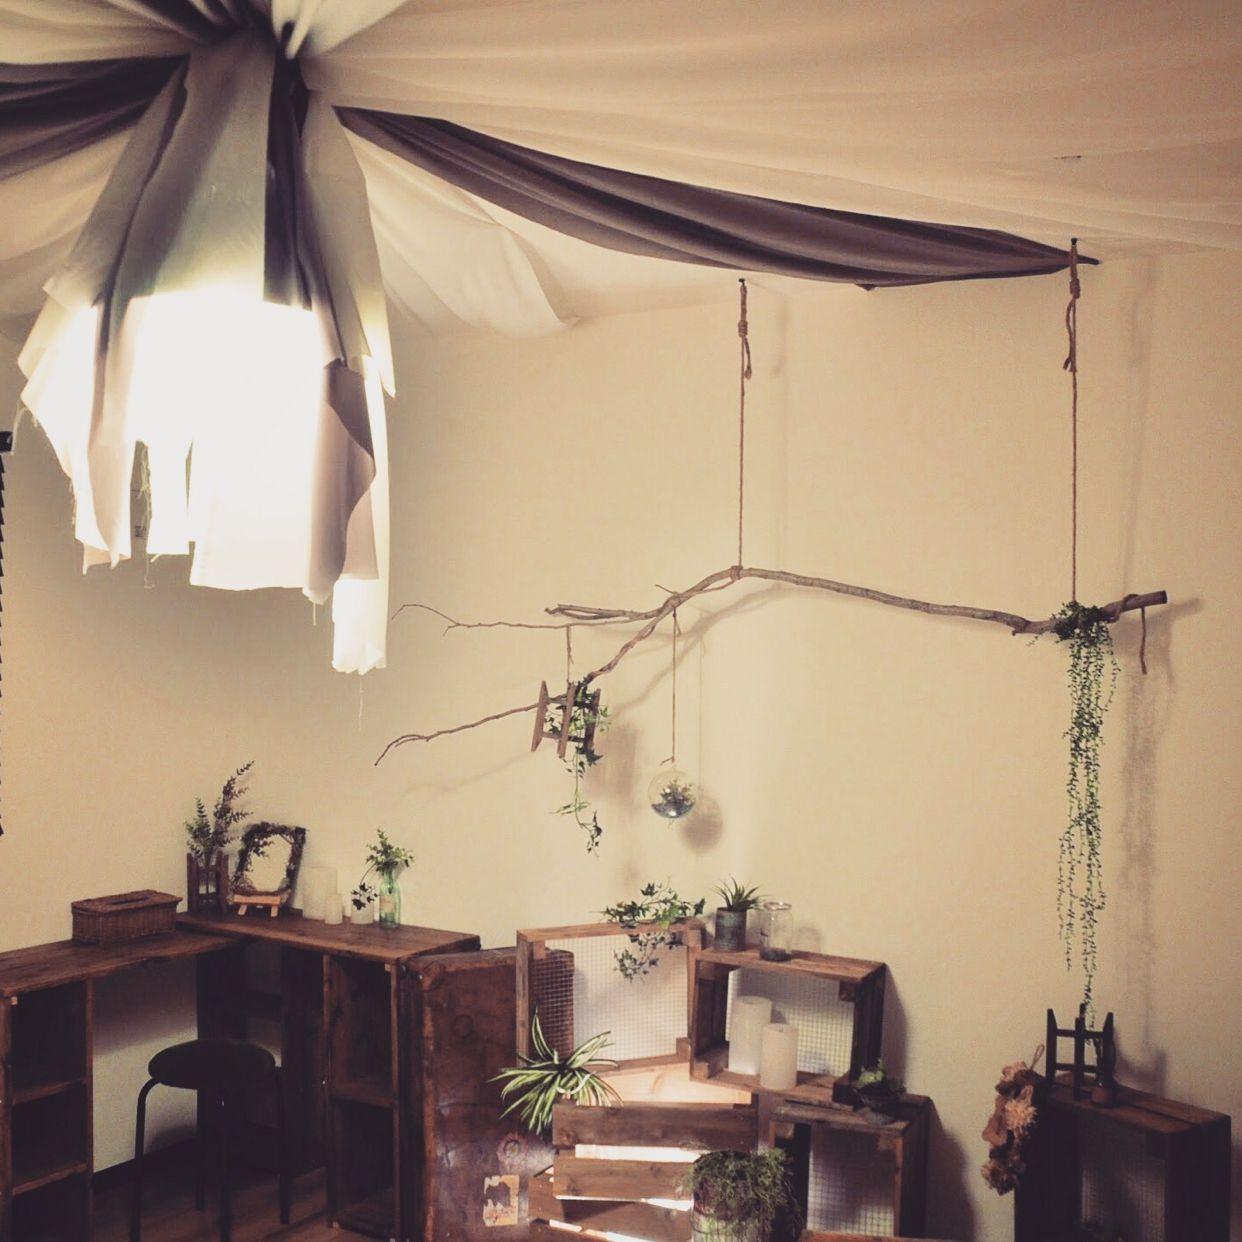 天井のインテリア9例 布や雑貨を吊るしたりぶら下げるアイデアが